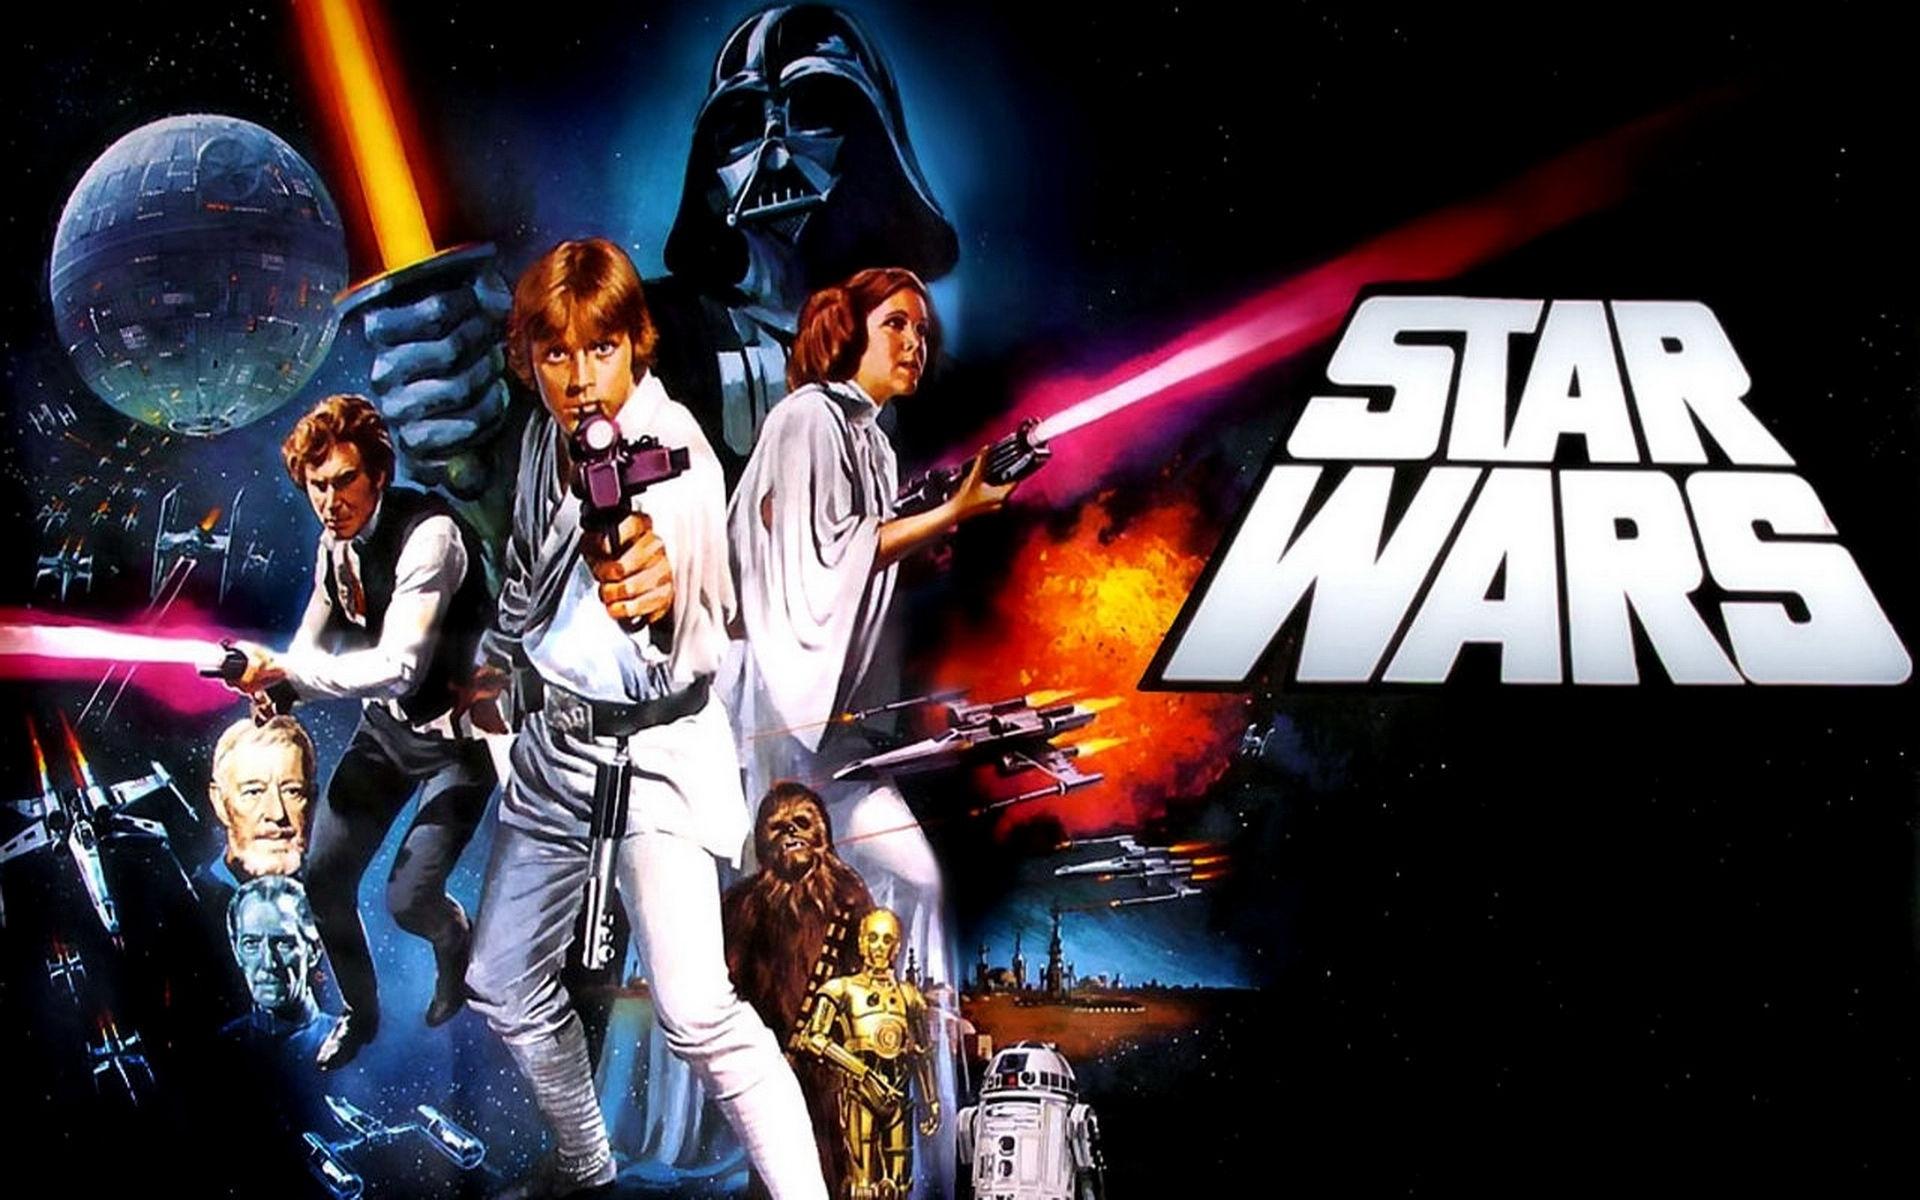 critique de star wars : episode iv - un nouvel espoir - geeks and com'